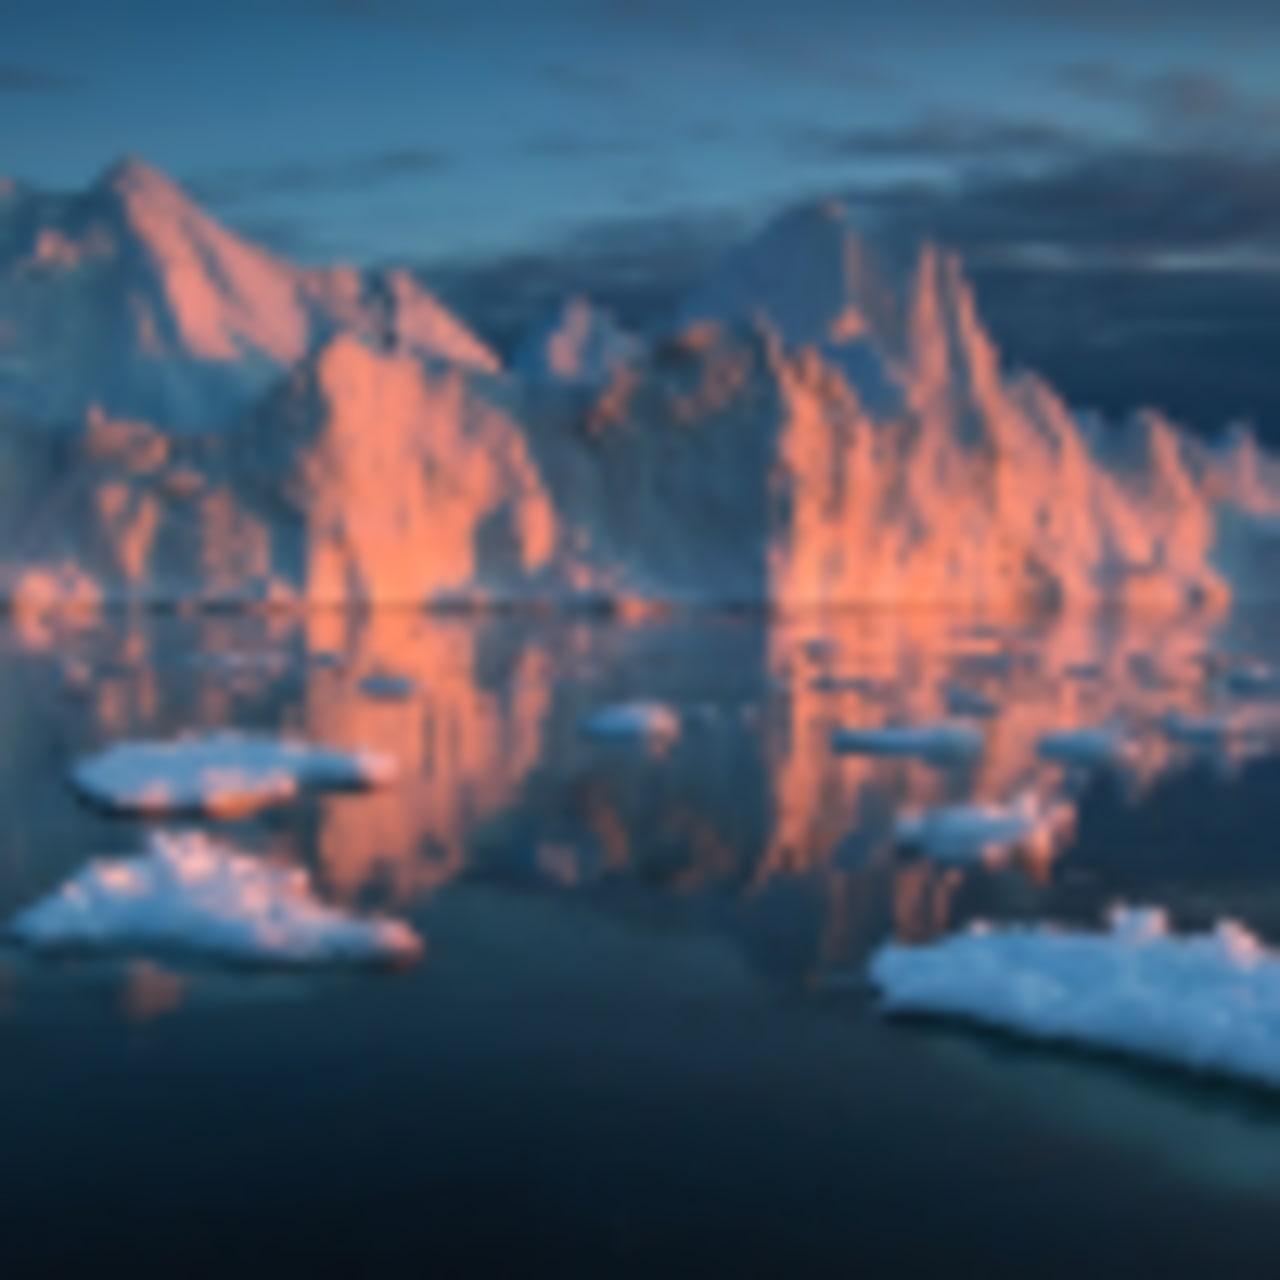 Szokatlan hőség a sarkvidéken | ClimeNews - Hírportál